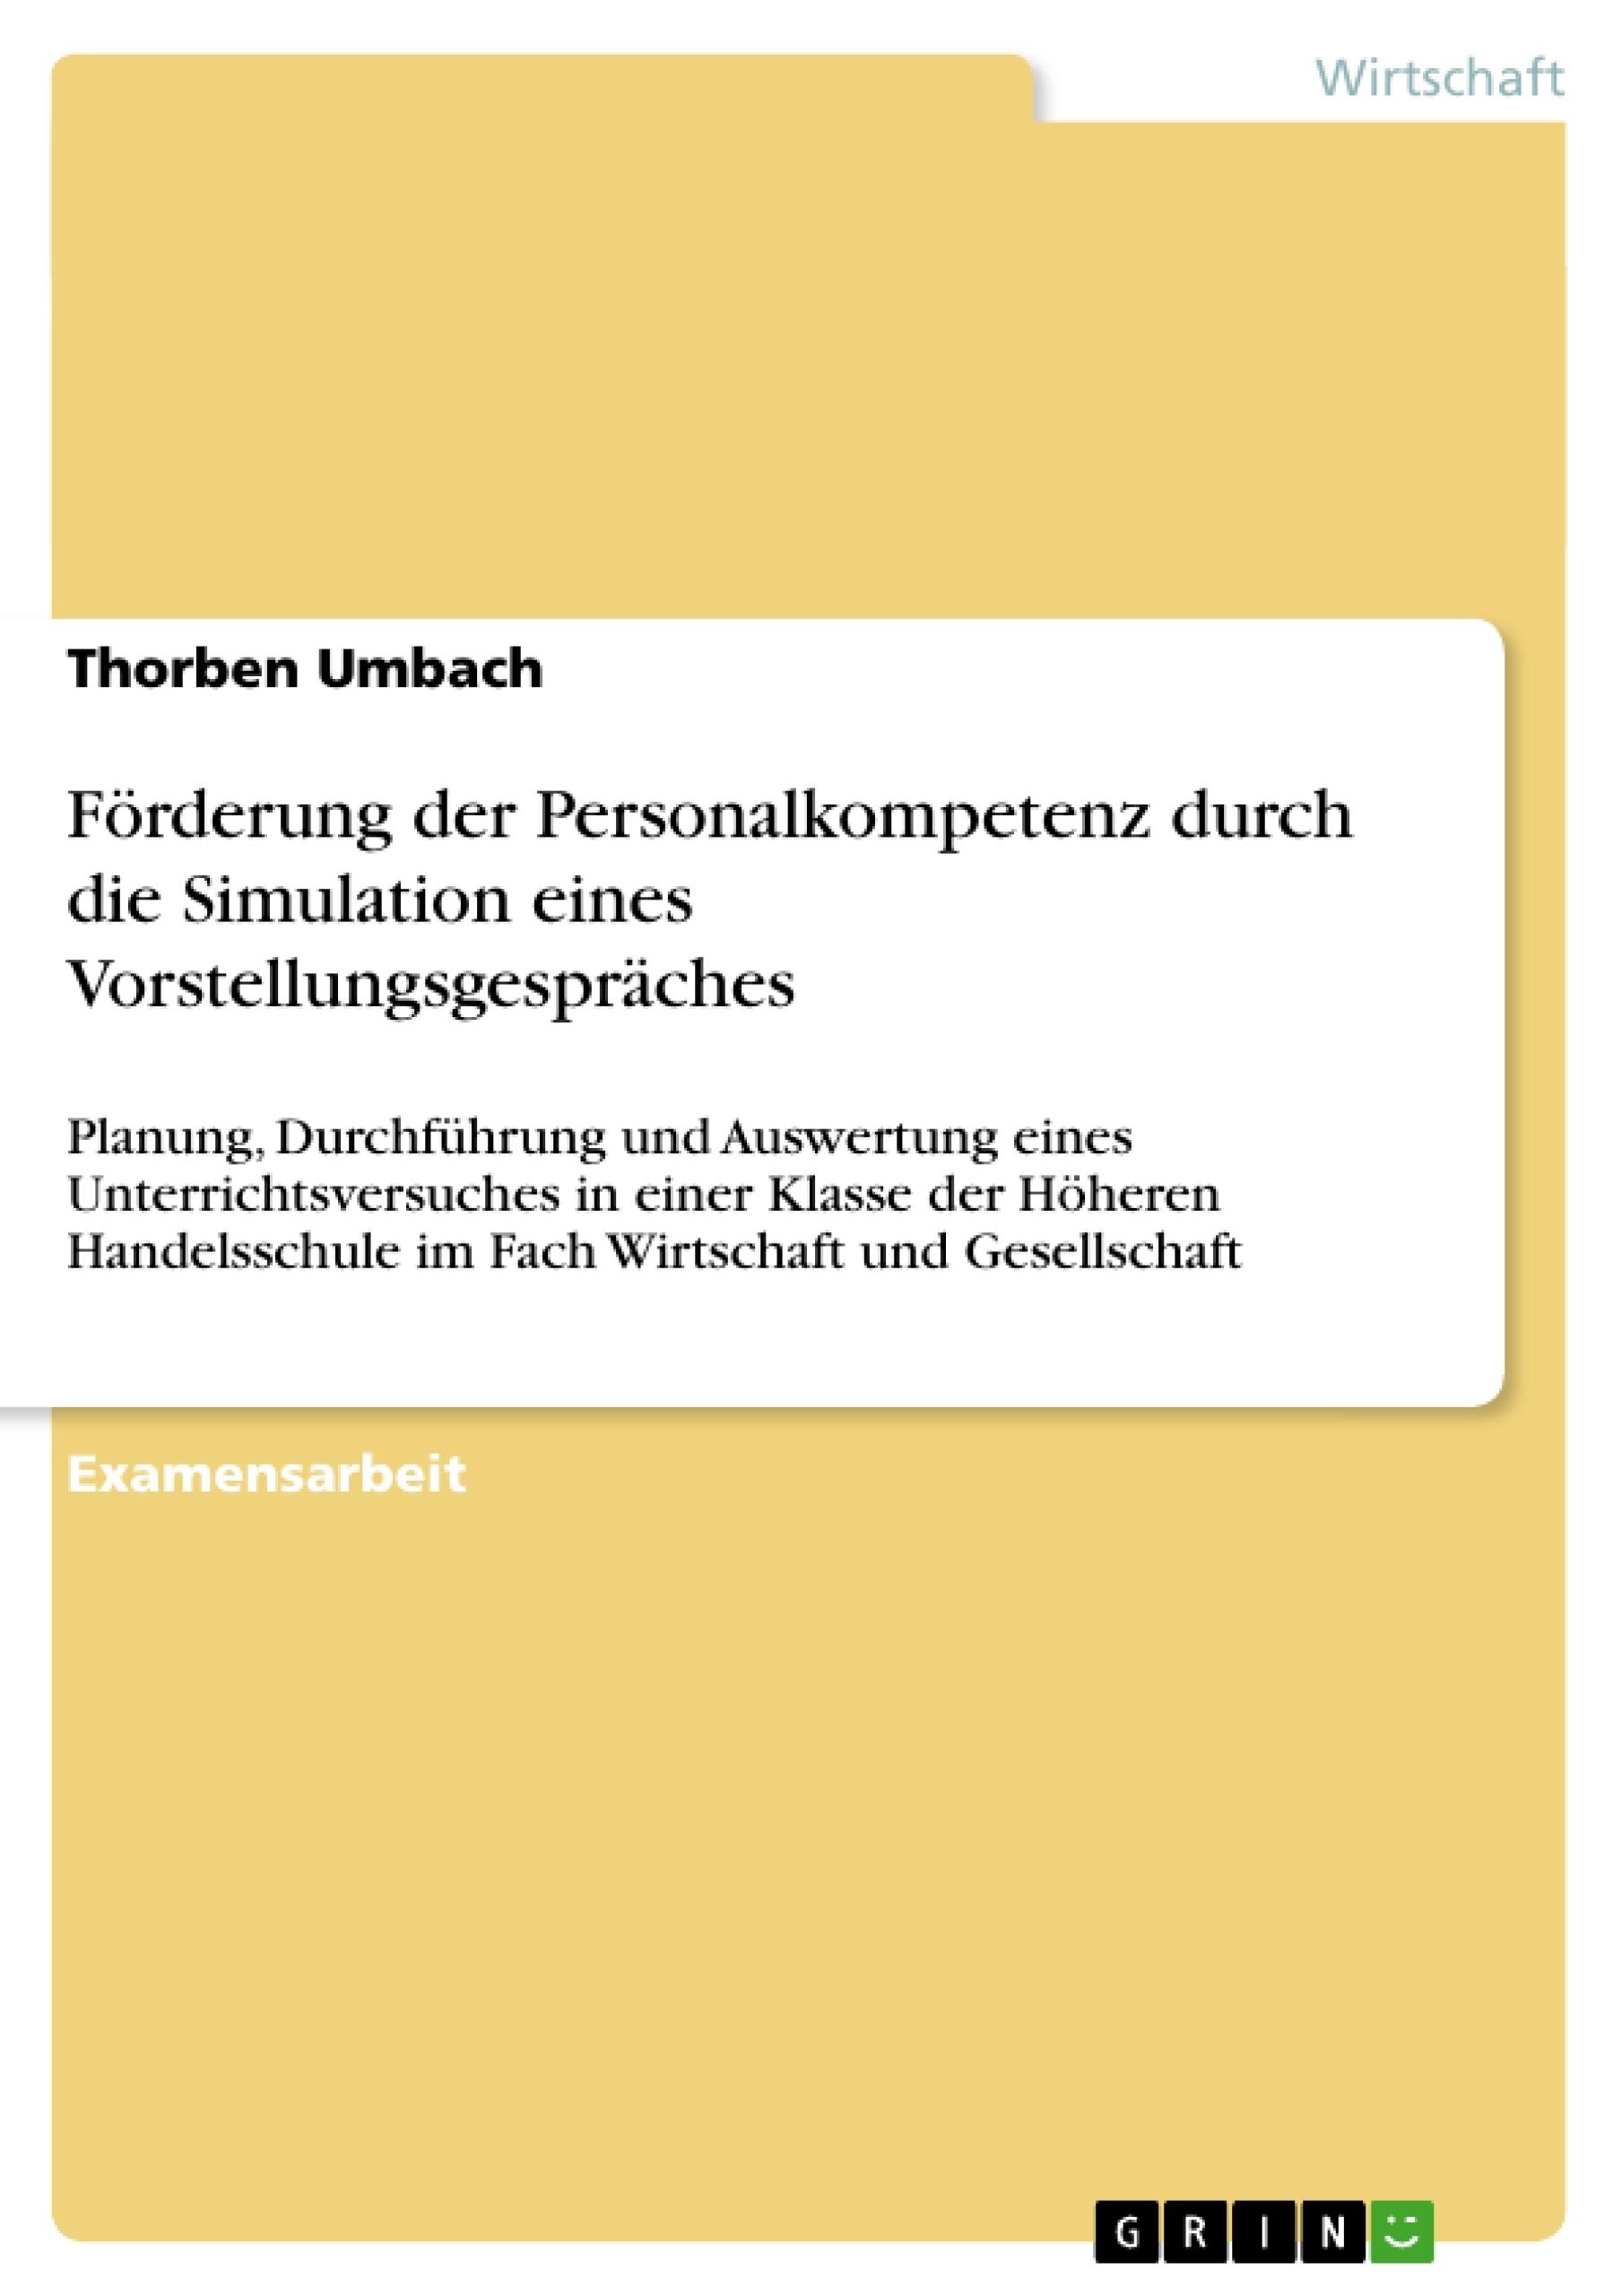 Titel: Förderung der Personalkompetenz durch die Simulation eines Vorstellungsgespräches